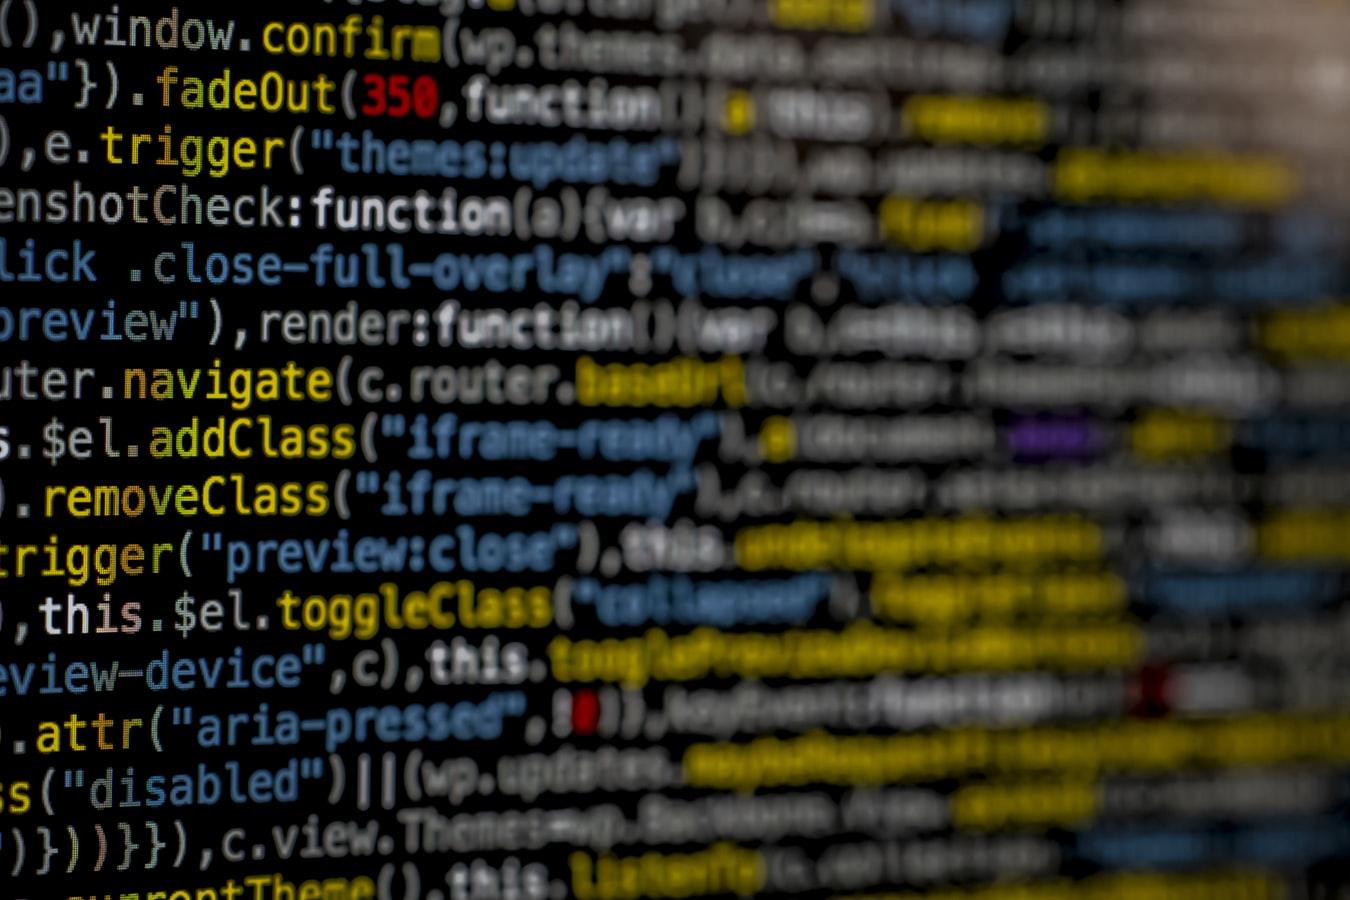 程式語言不只有英數組成!留學生文言文入程式語法 工程師也讚:有創意